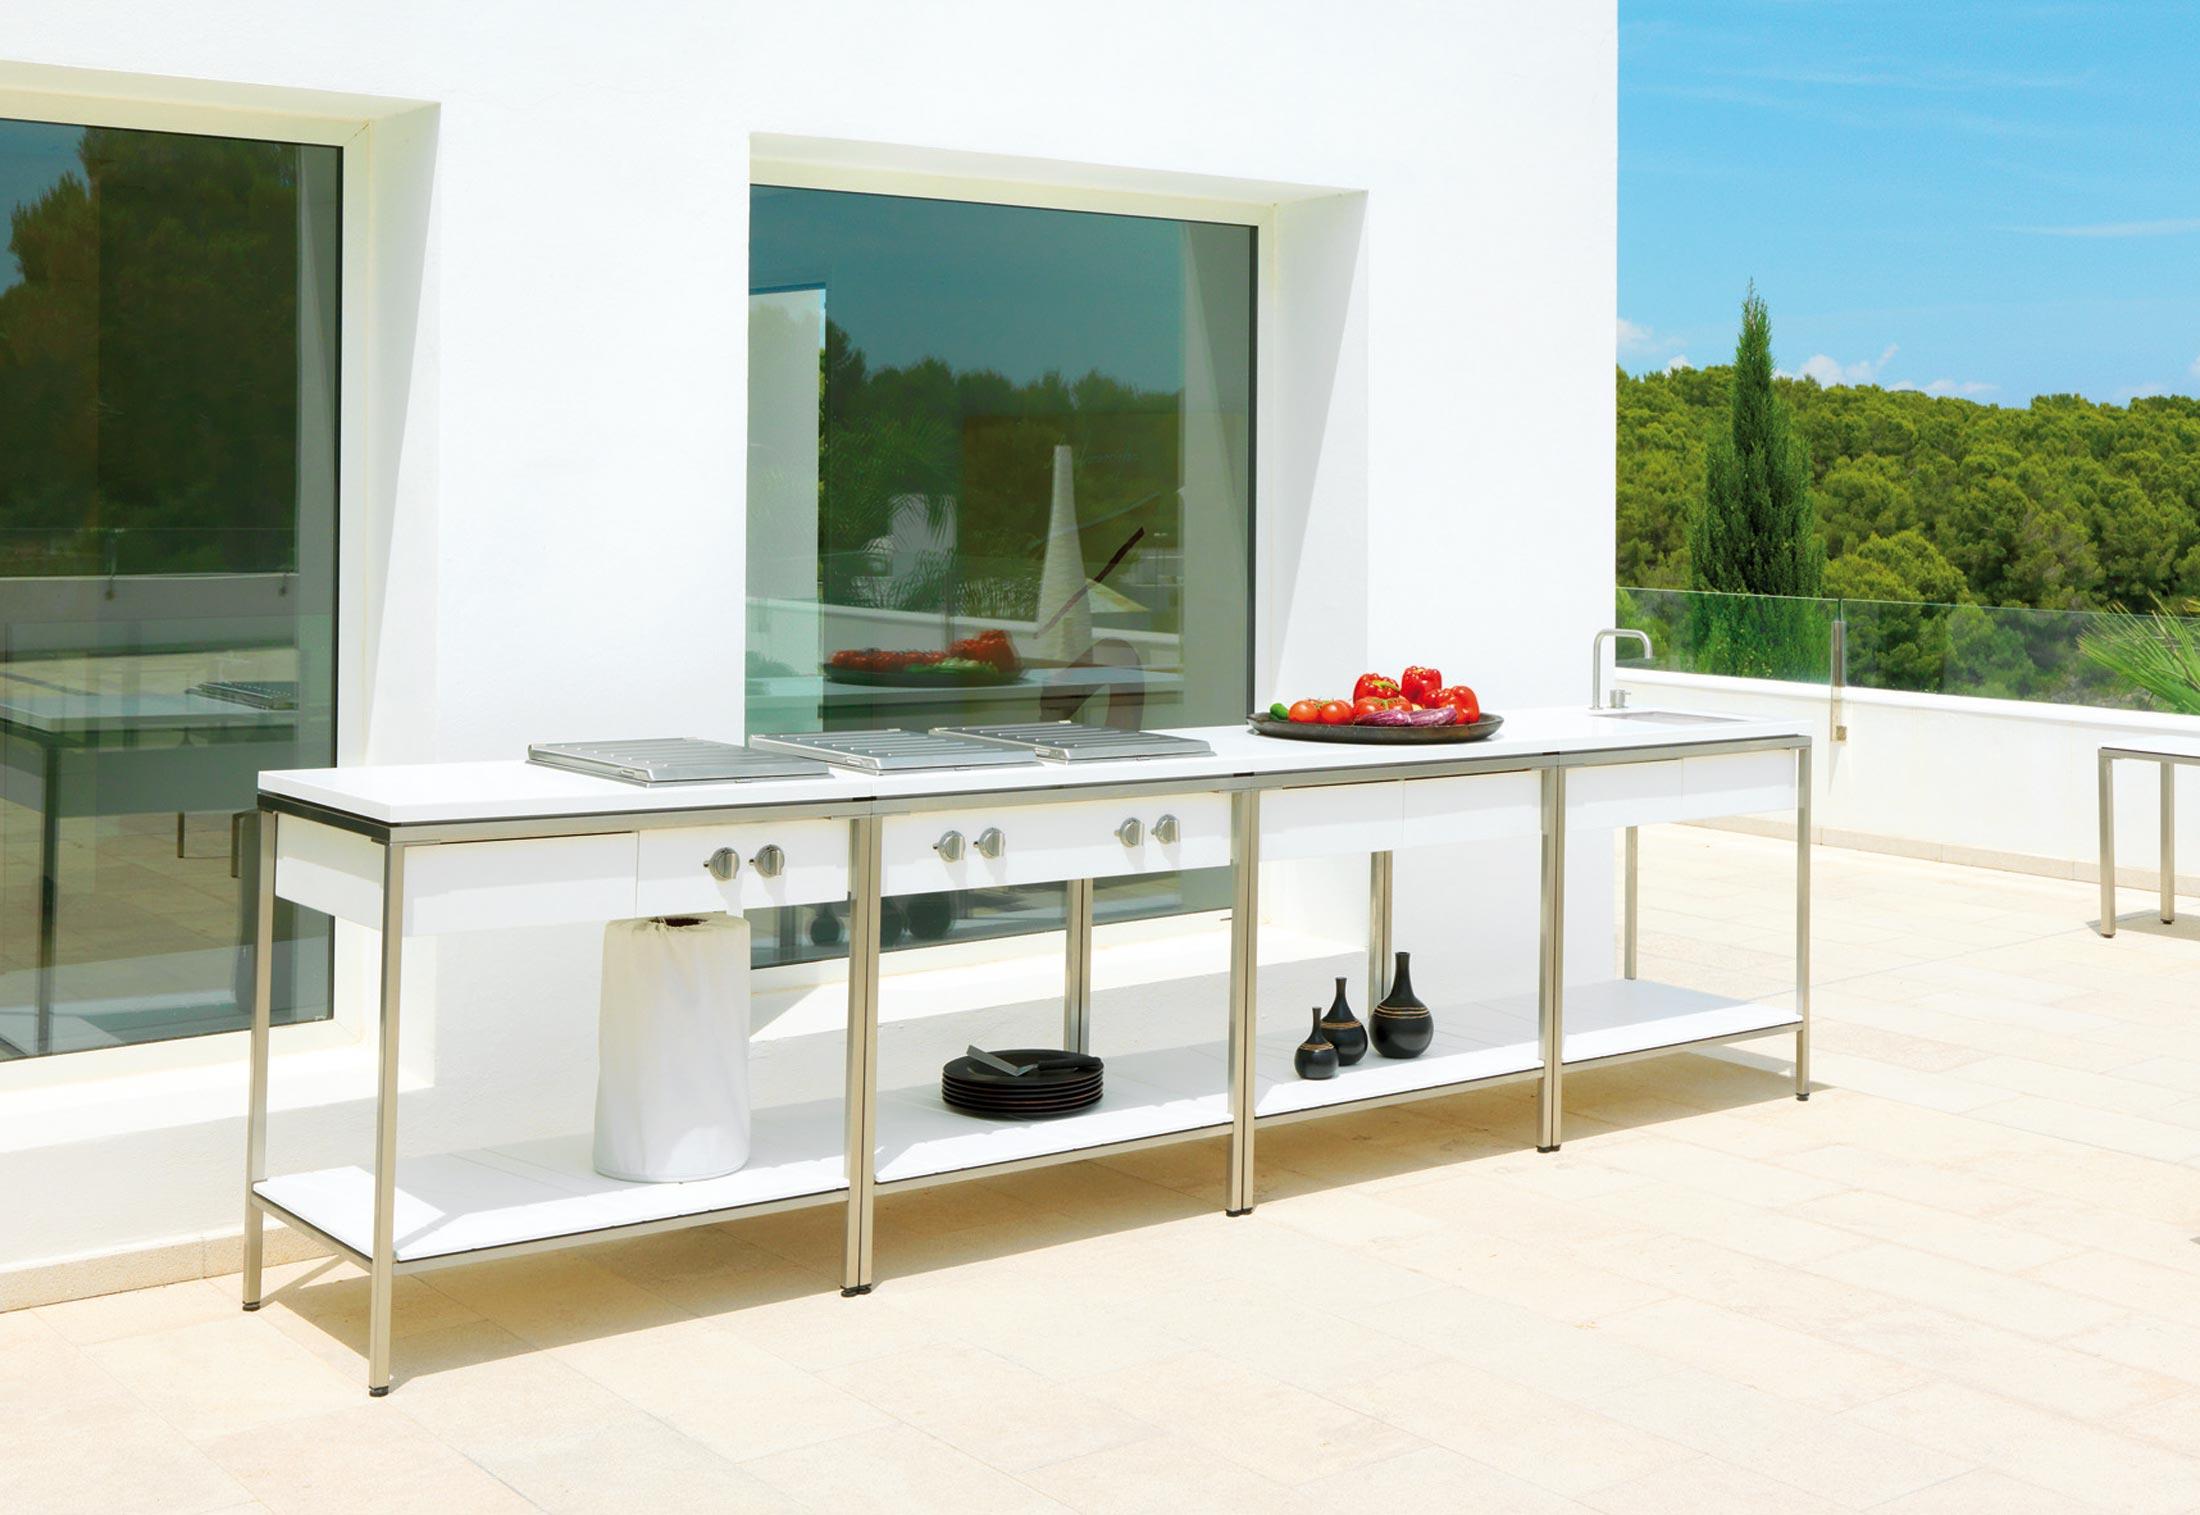 Outdoor Küchen Module : Outdoor küche modul outdoor küche wilk oldenburg de